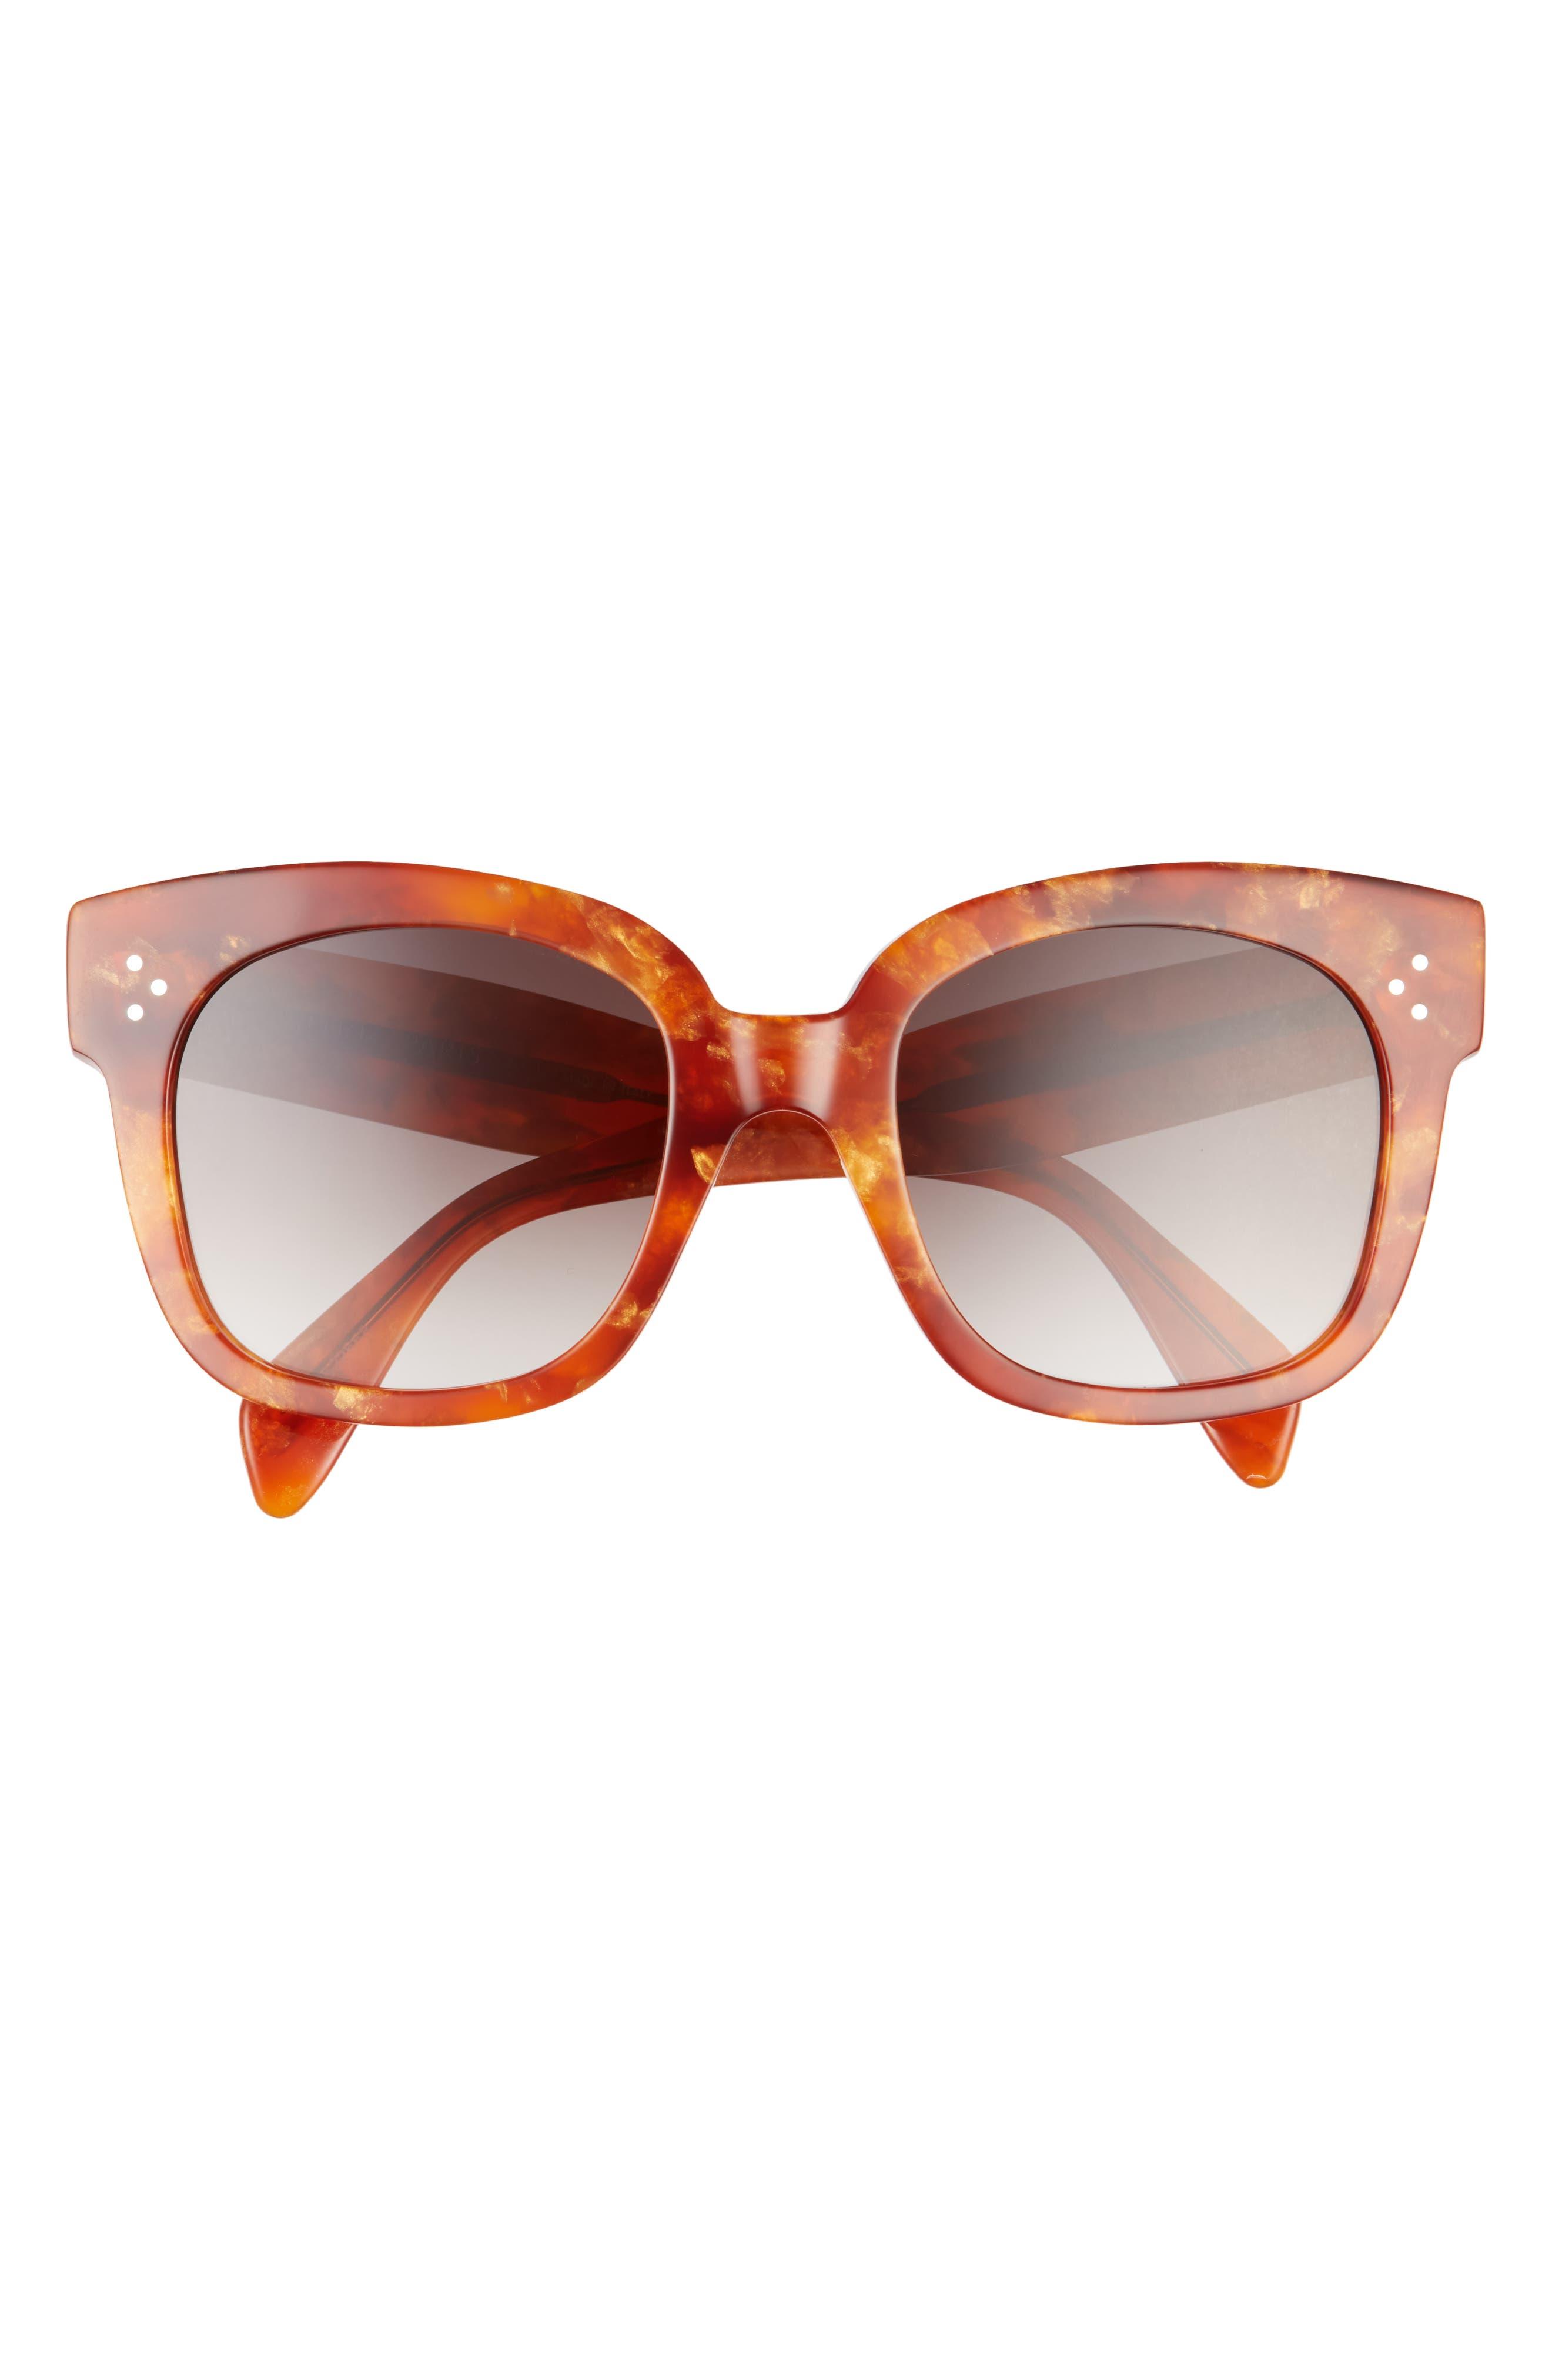 54mm Gradient Round Sunglasses